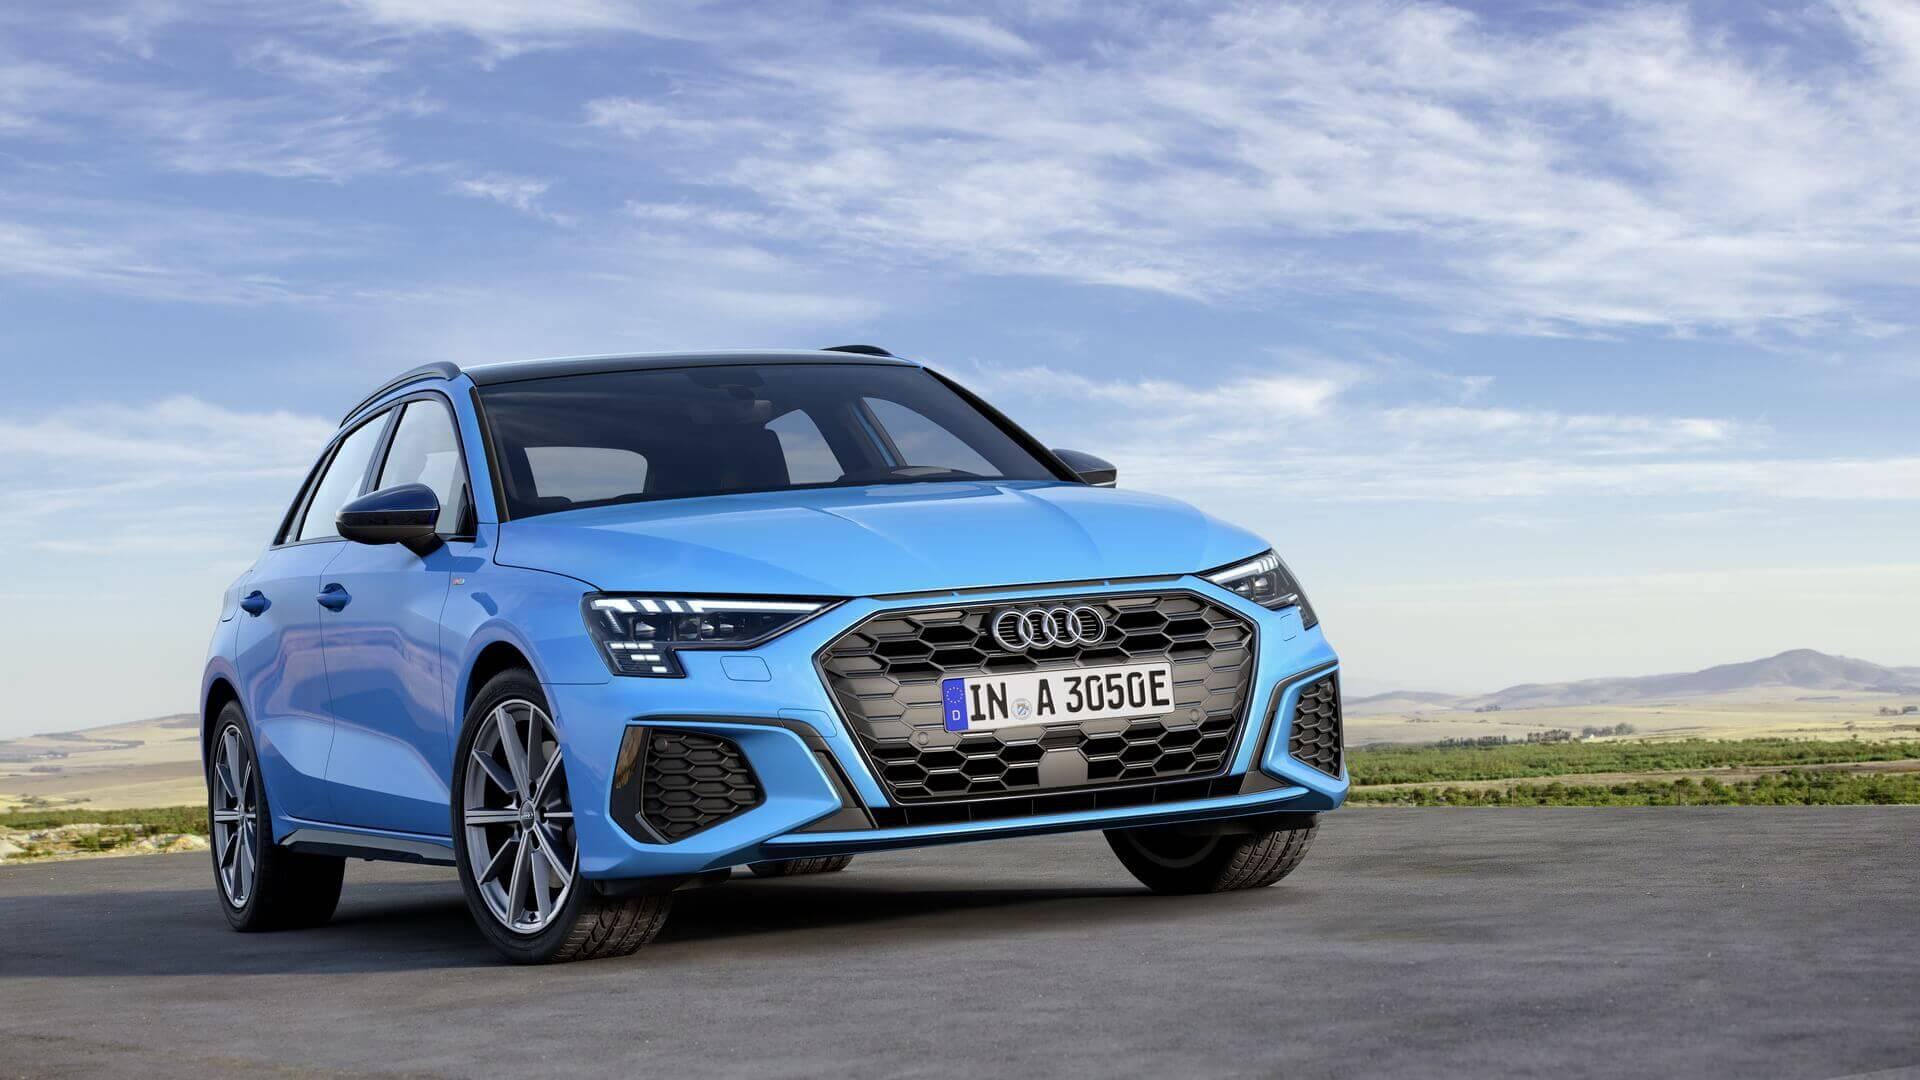 Audi выпускает на рынок новый плагин-гибридный хэтчбек